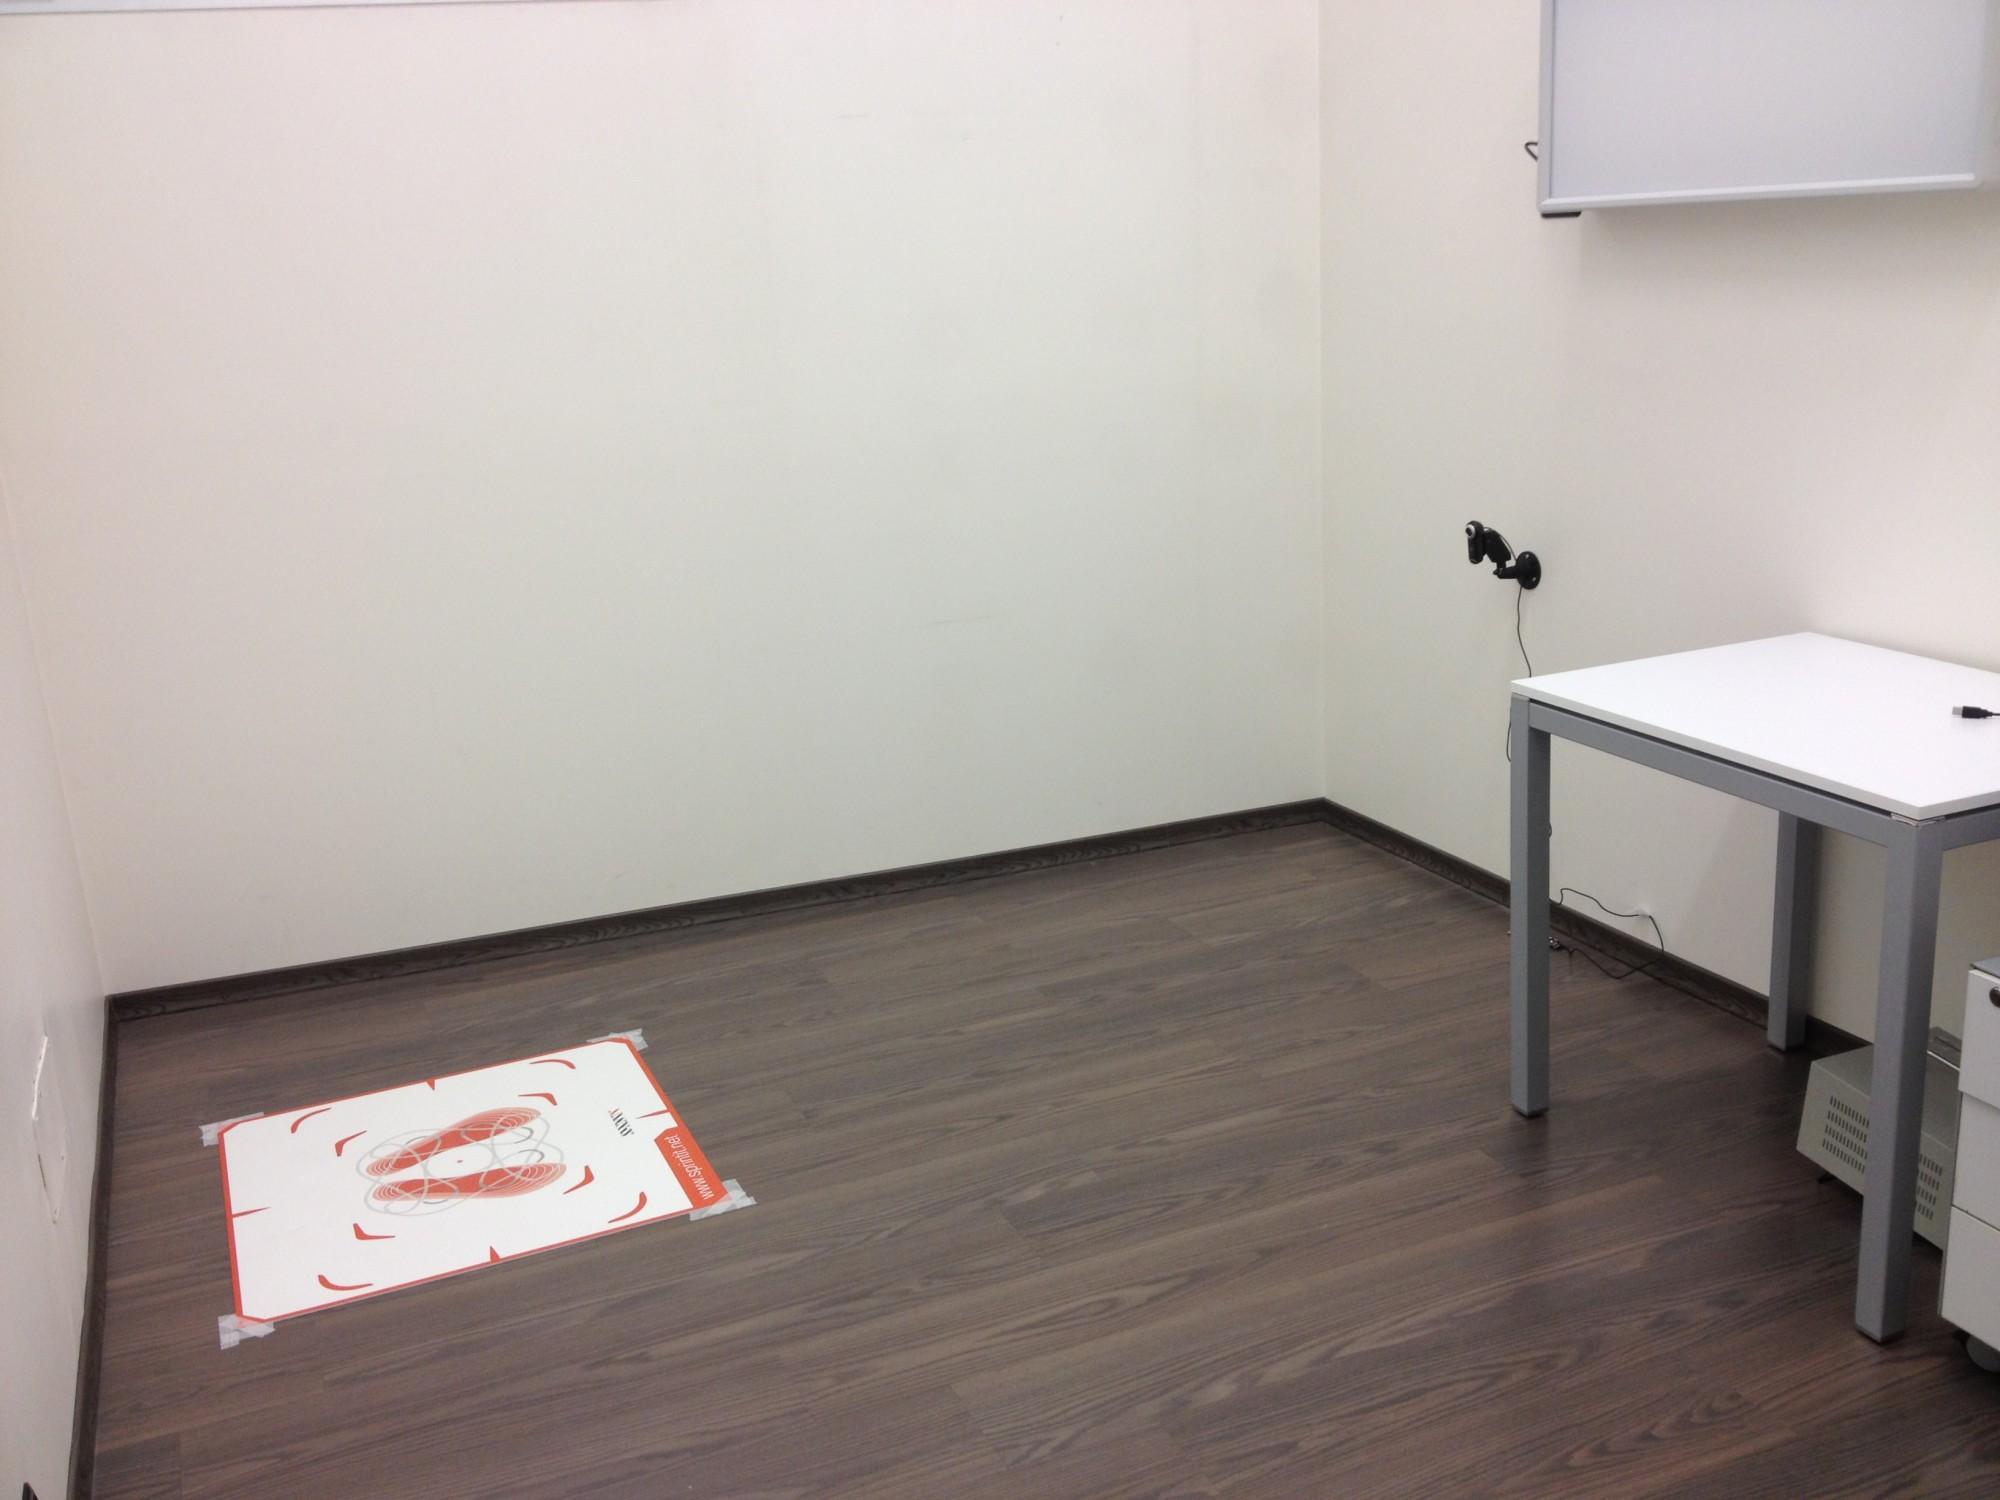 Kit Installazione Fissa Postural Experience (Dima Rigida + Staffa Muro + Webcam)